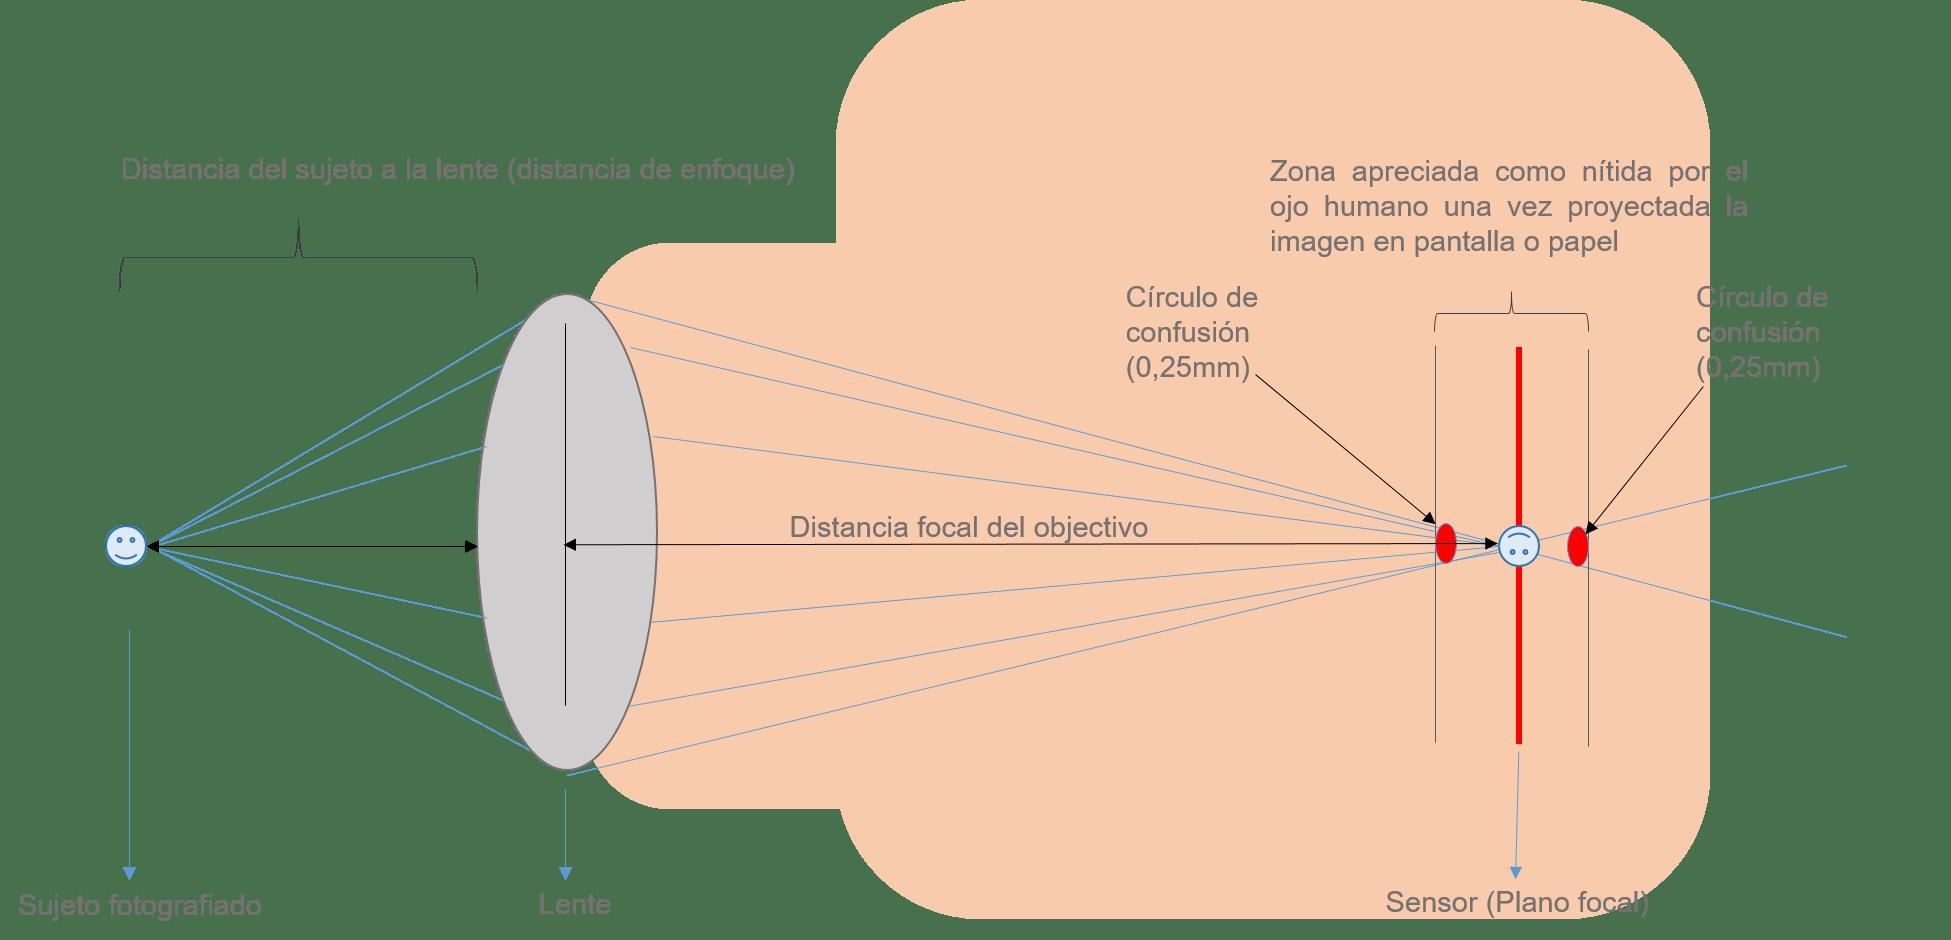 ilustración círculo de confusión 0,25mm